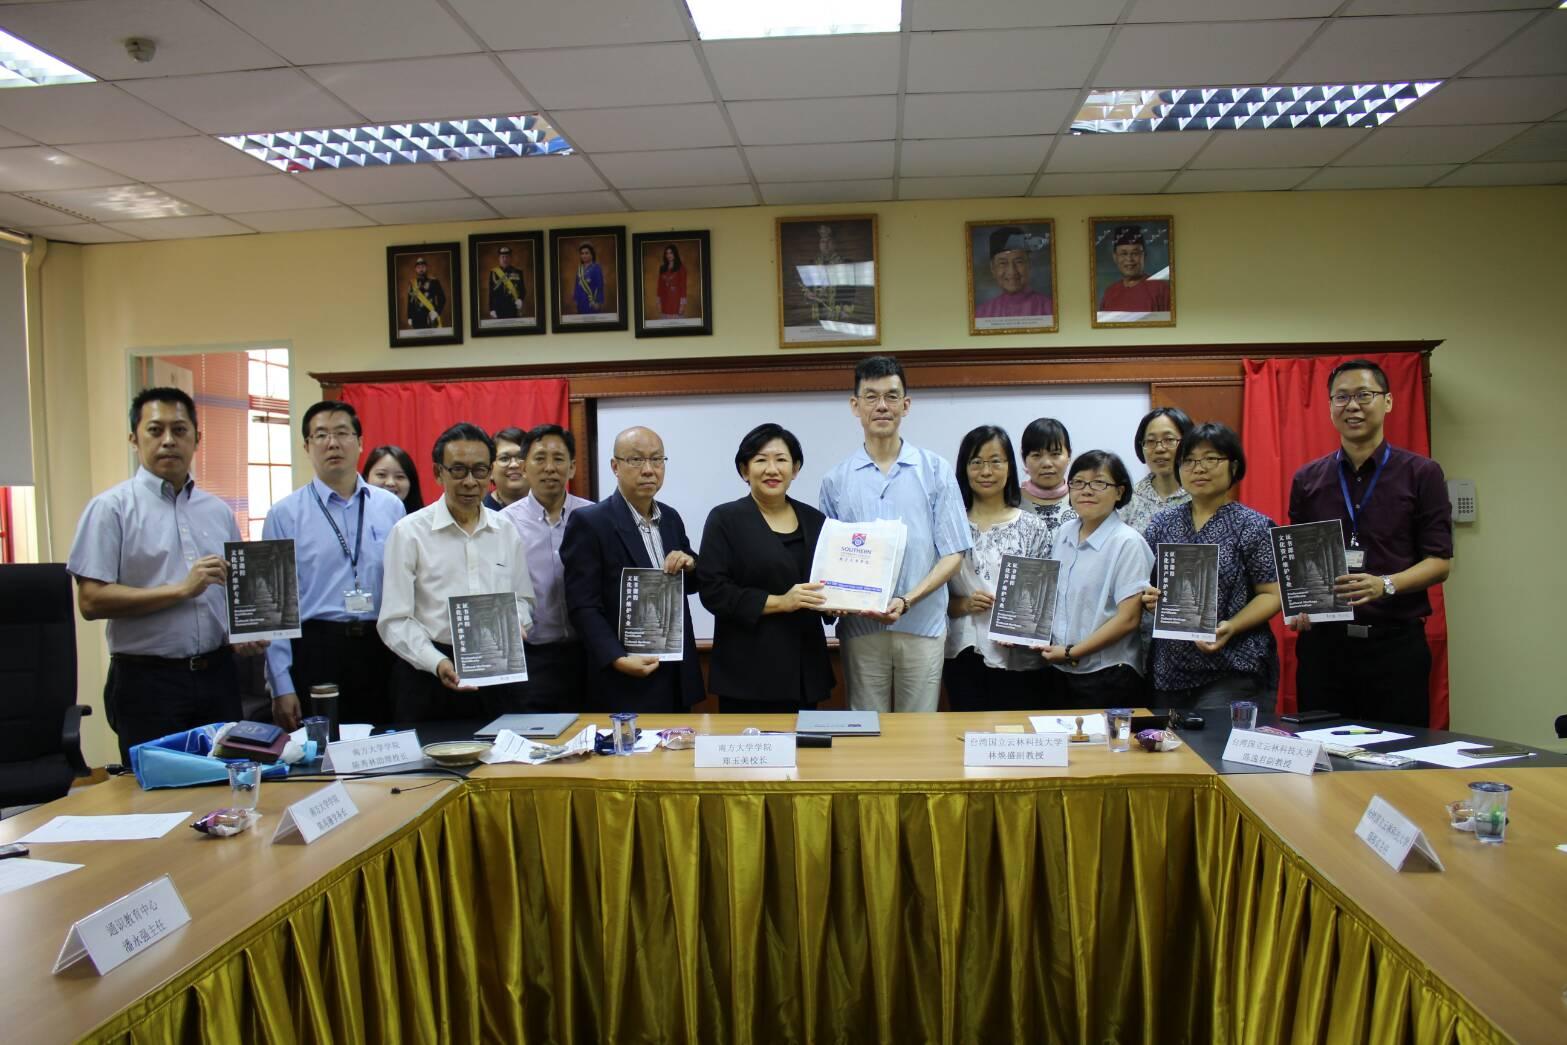 攜手馬來西亞南方大學學院聯辦文物維護課程